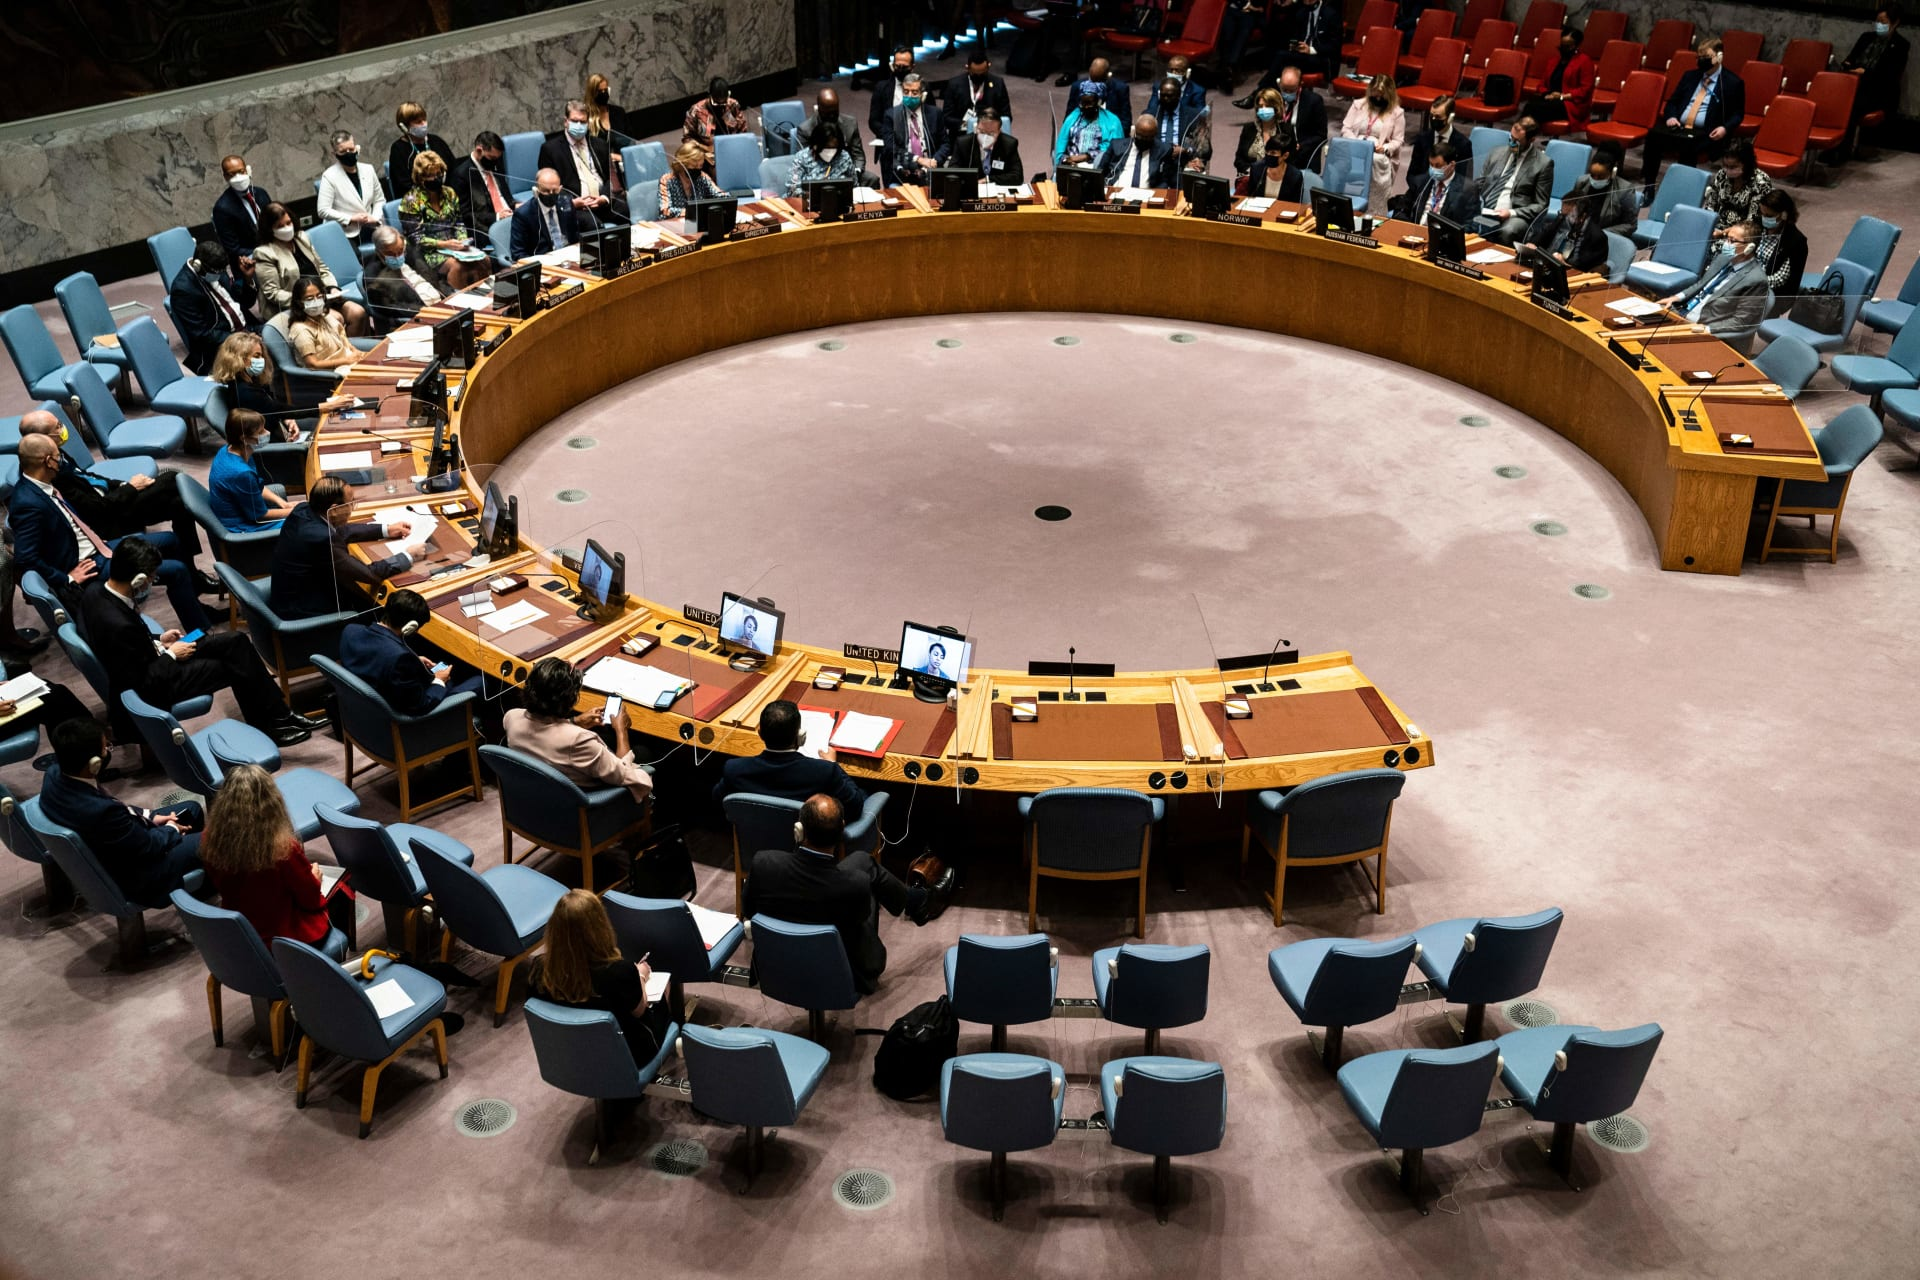 صورة أرشيفية لجلسة في مجلس الأمن الدولي